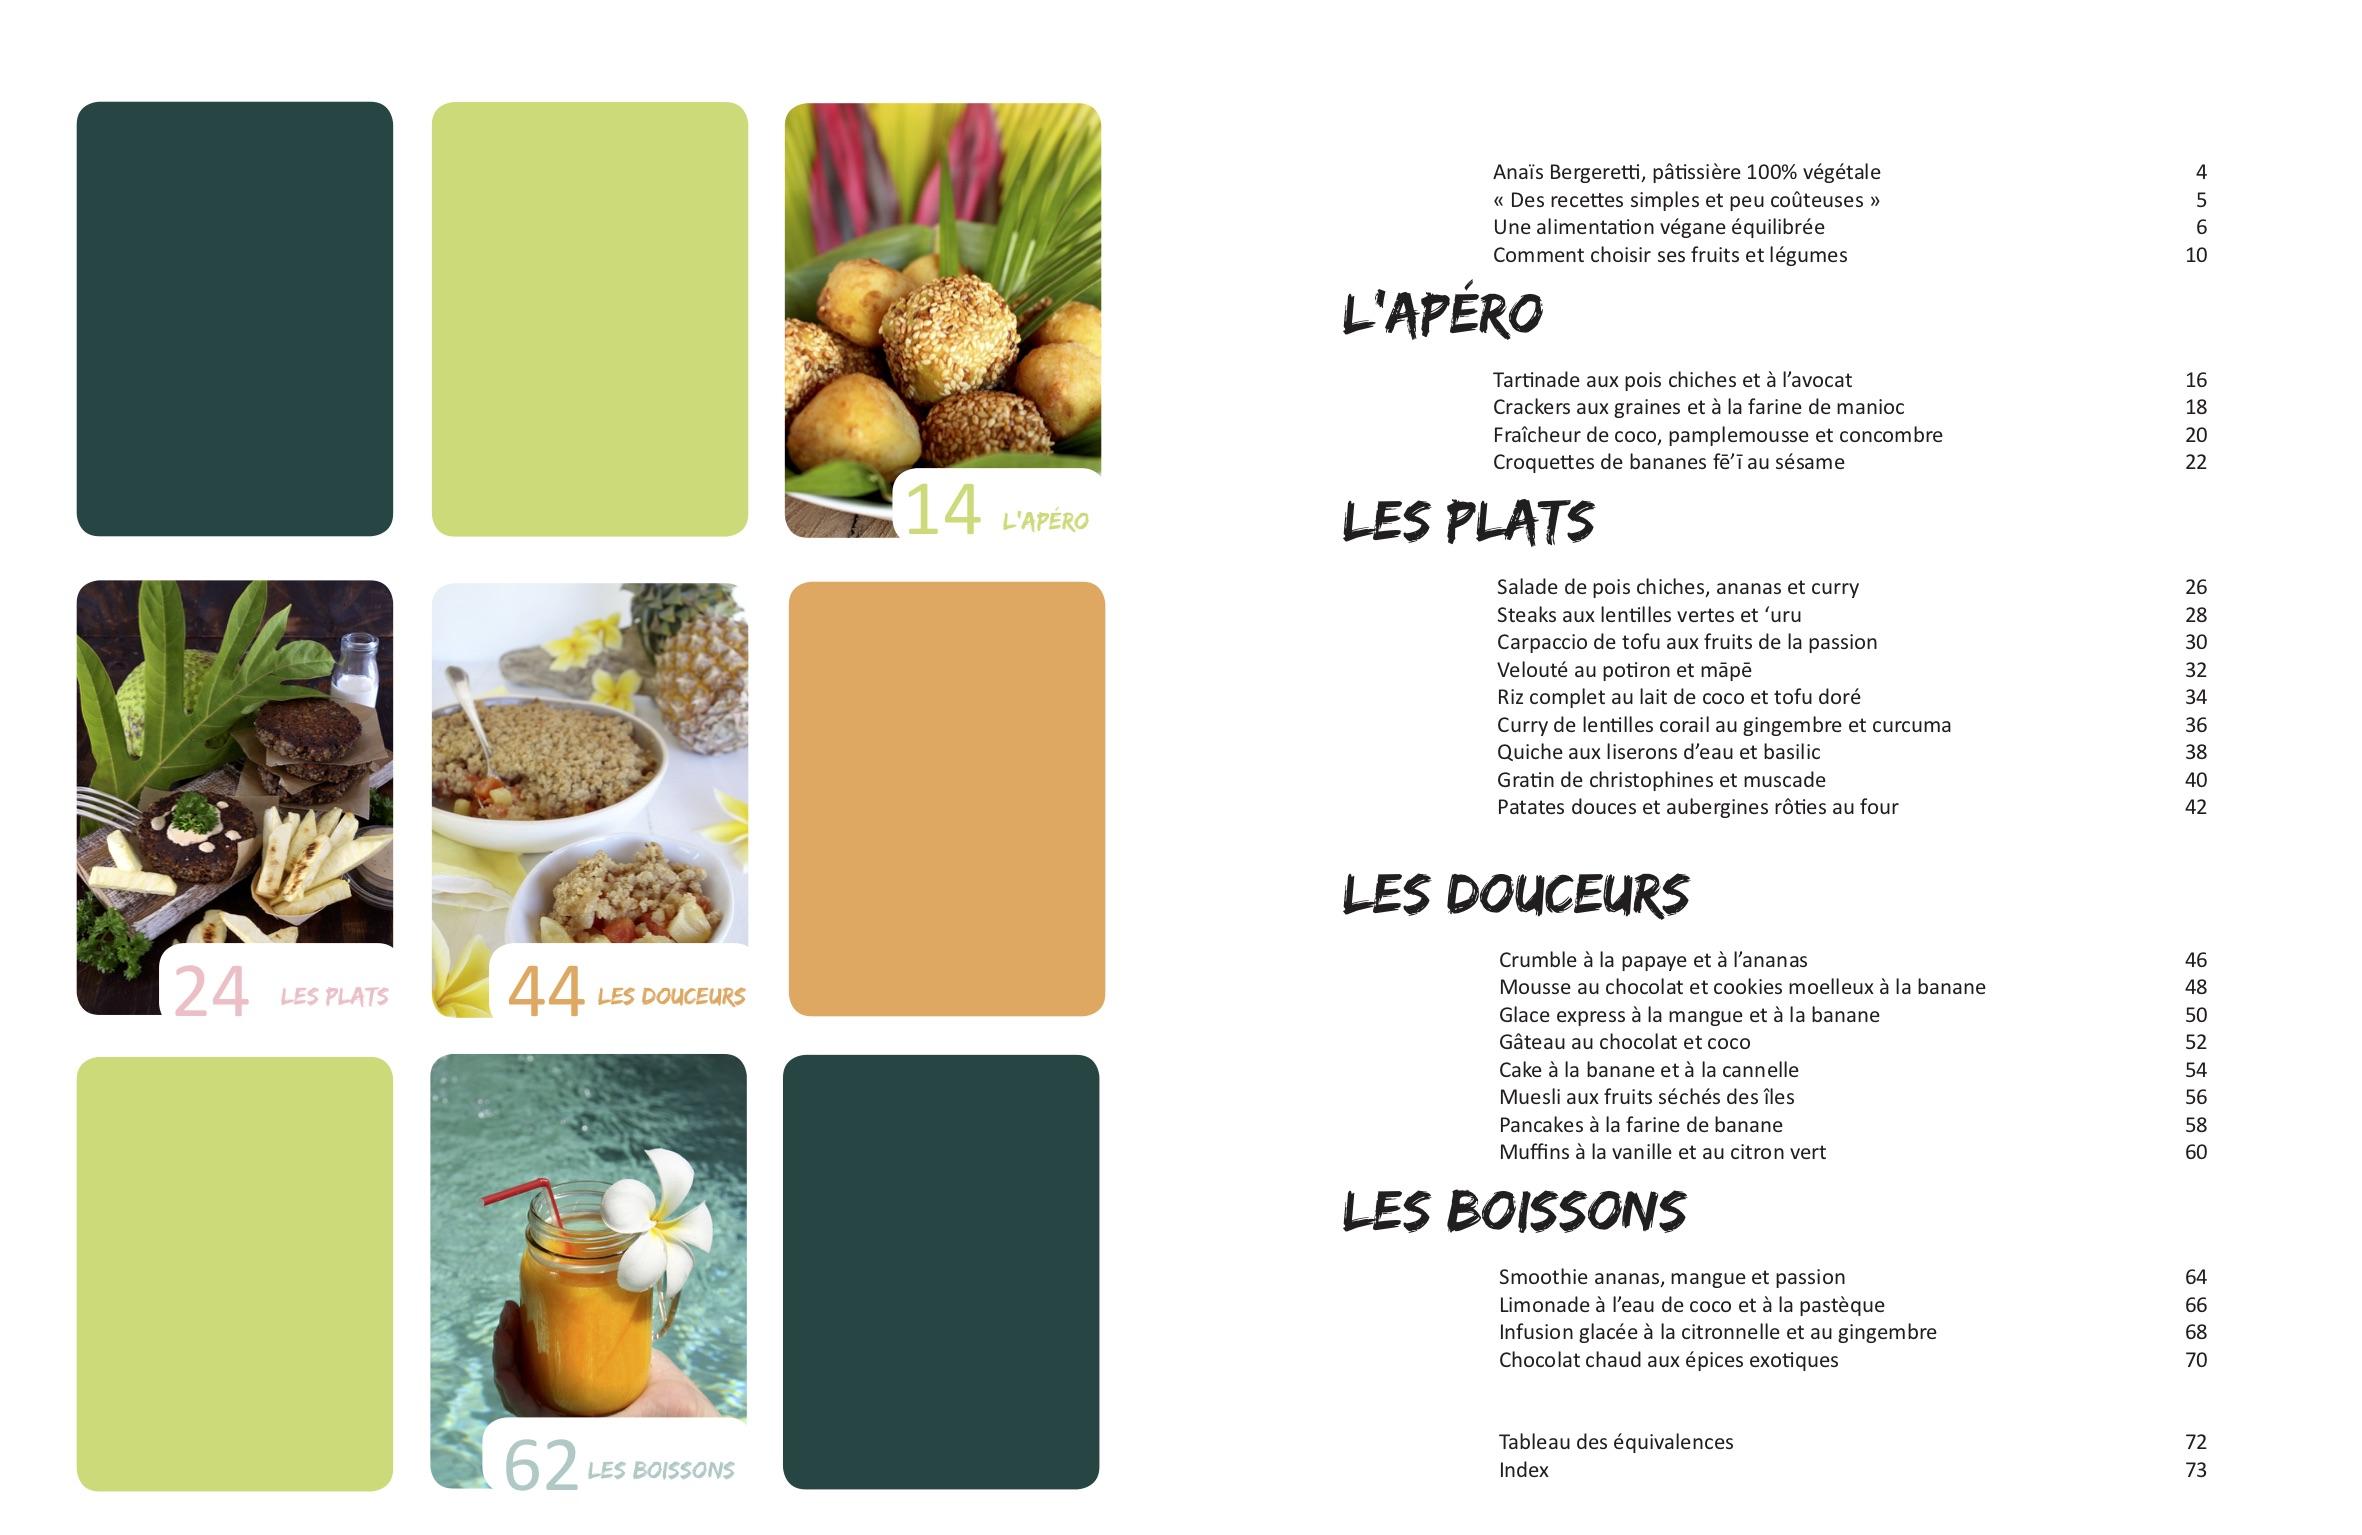 Sommaire du livre de cuisine végétale Vegan à Tahiti, 25 recettes faciles.